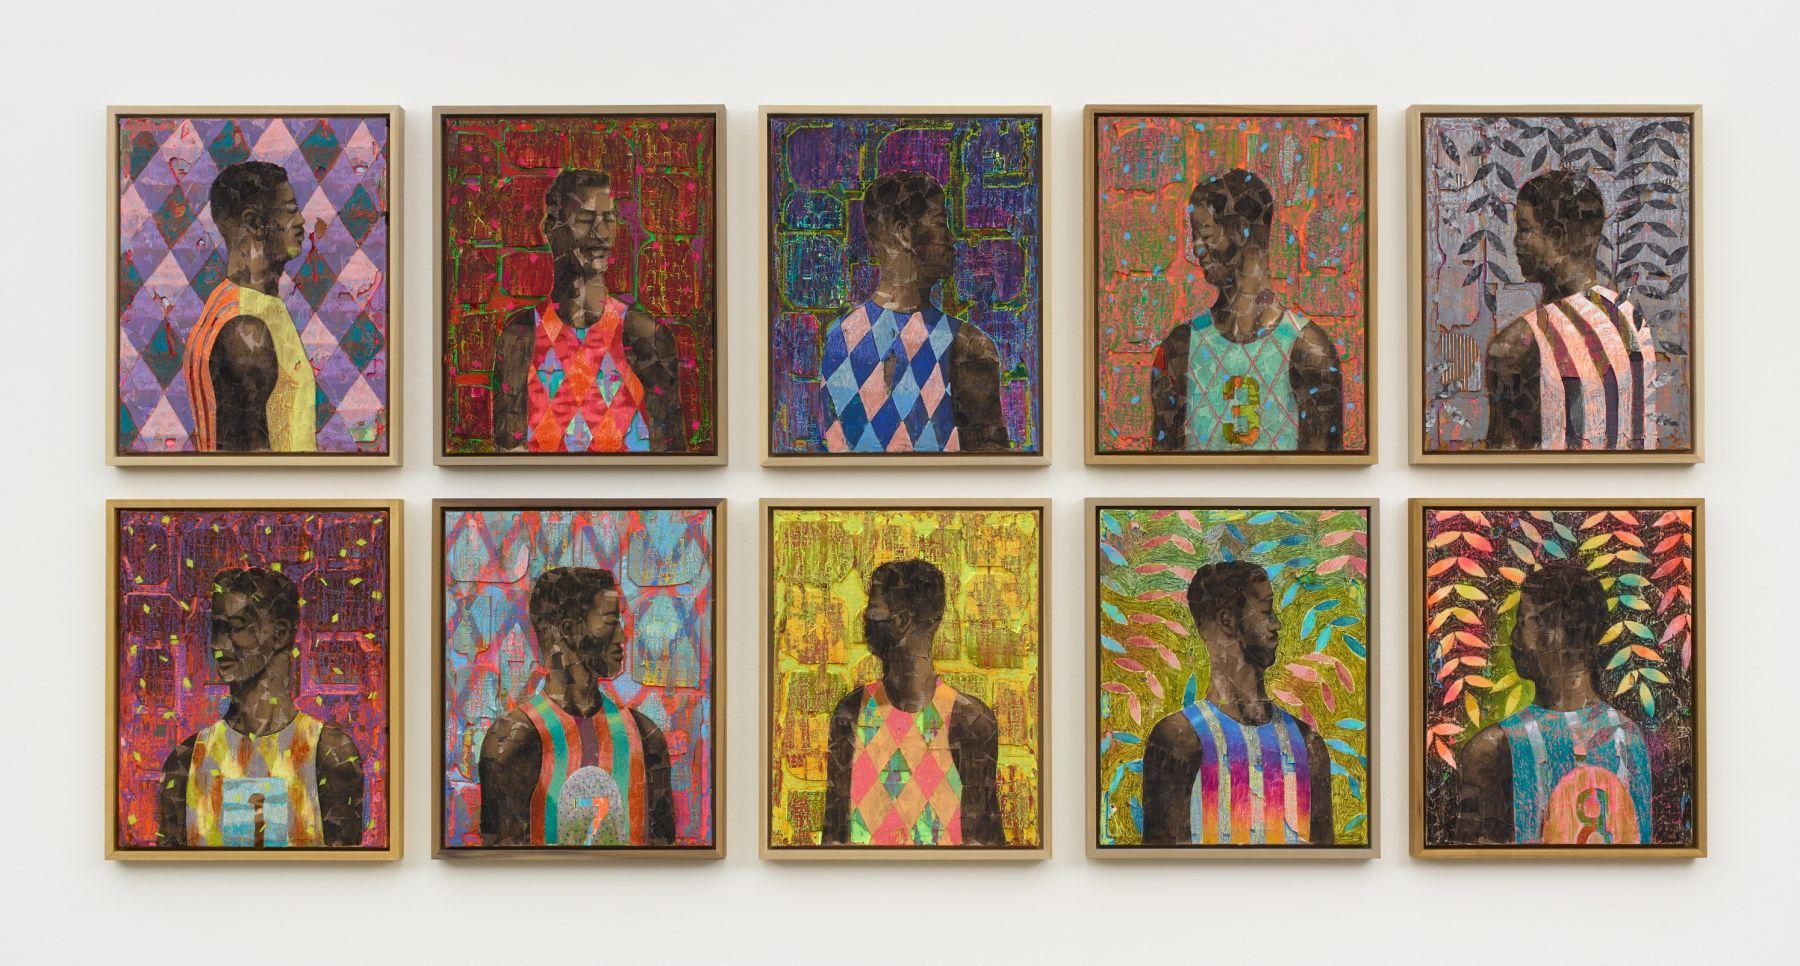 Derek Fordjour - Artists - Night Gallery